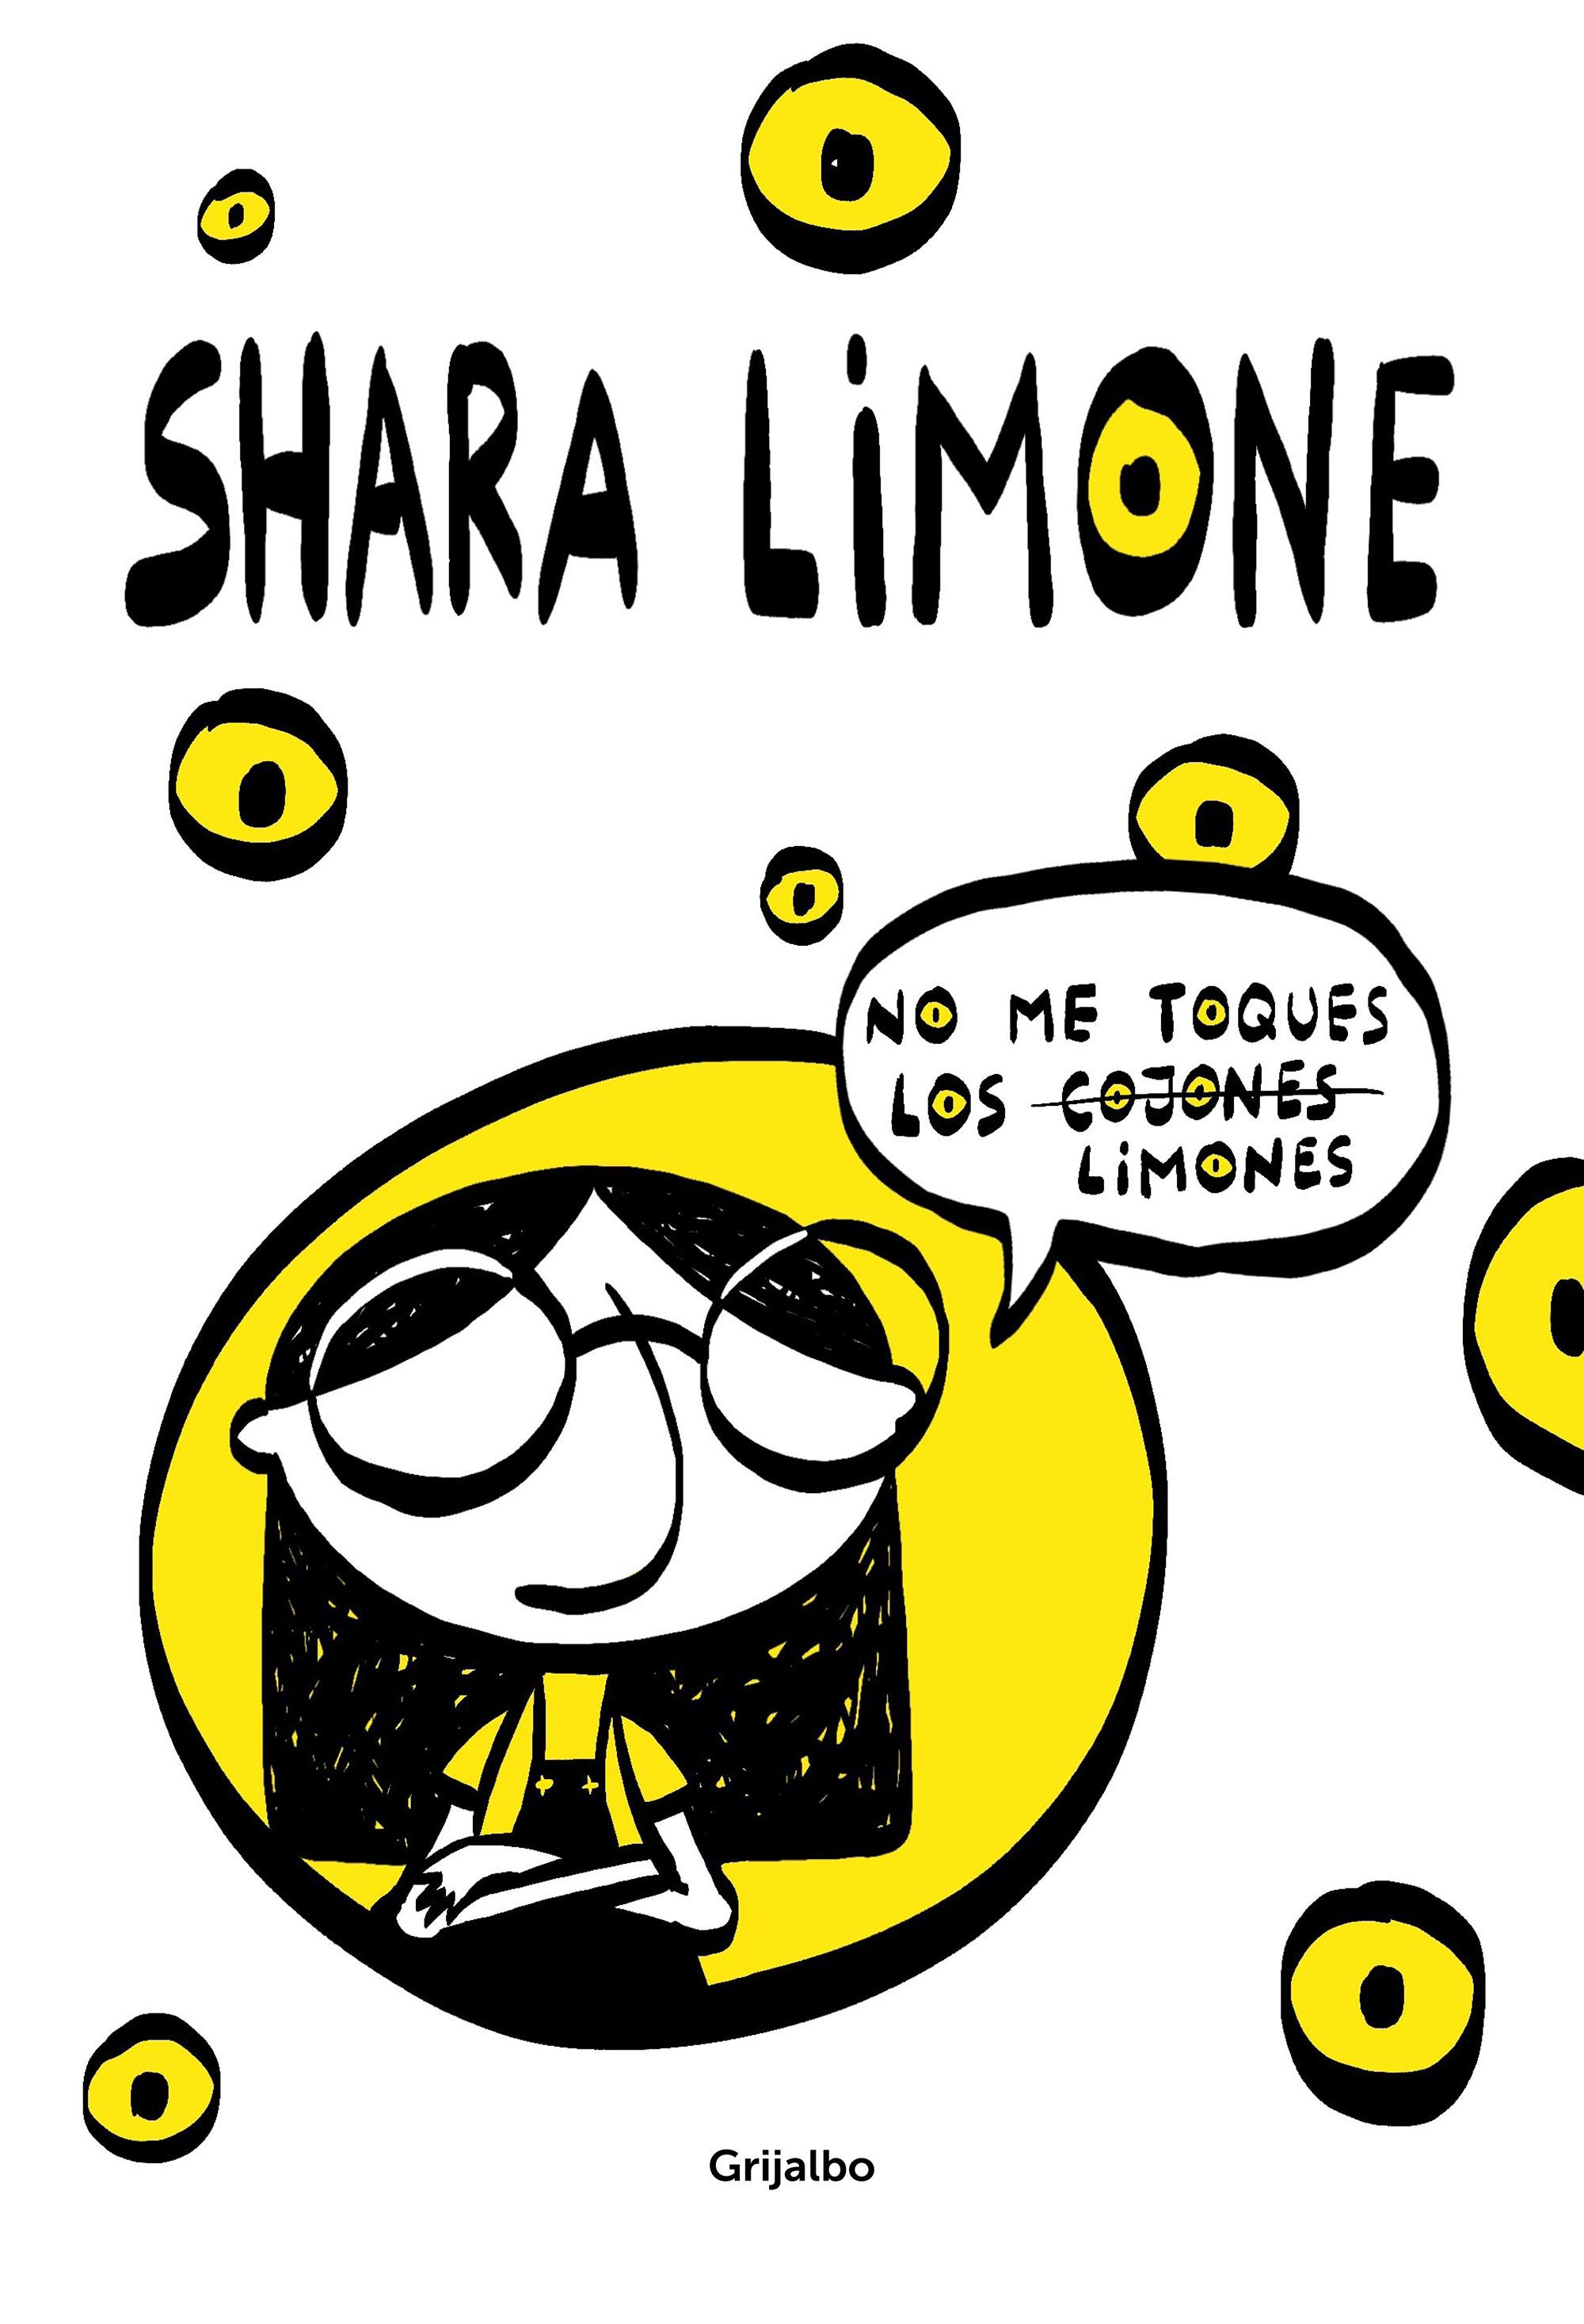 No me toques los limones